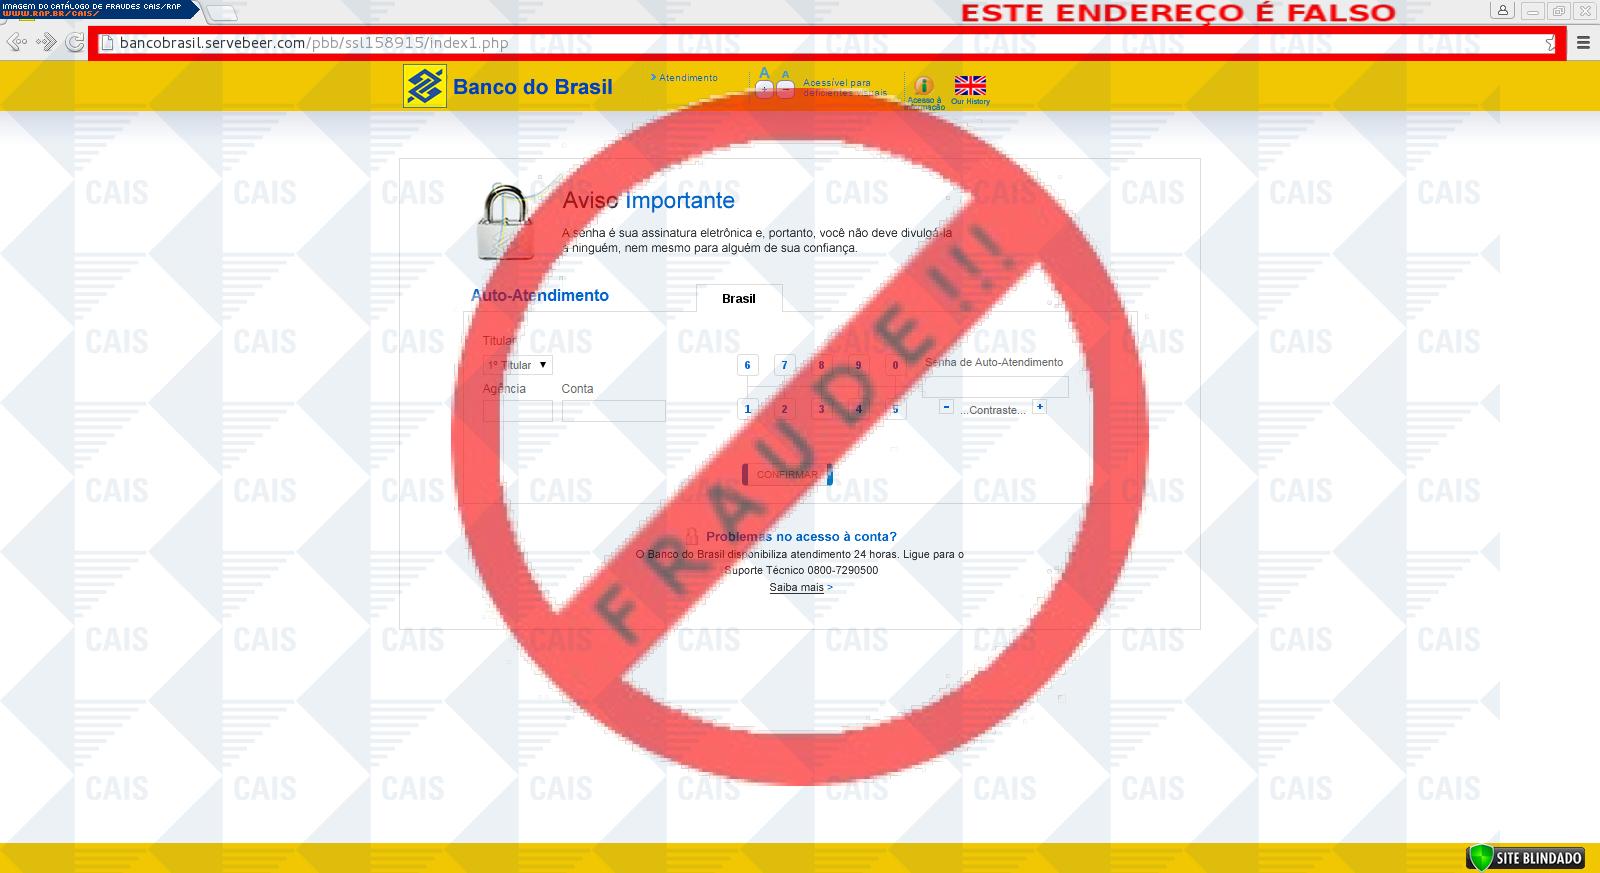 Catlogo de fraudes reporte fraudes ccuart Choice Image